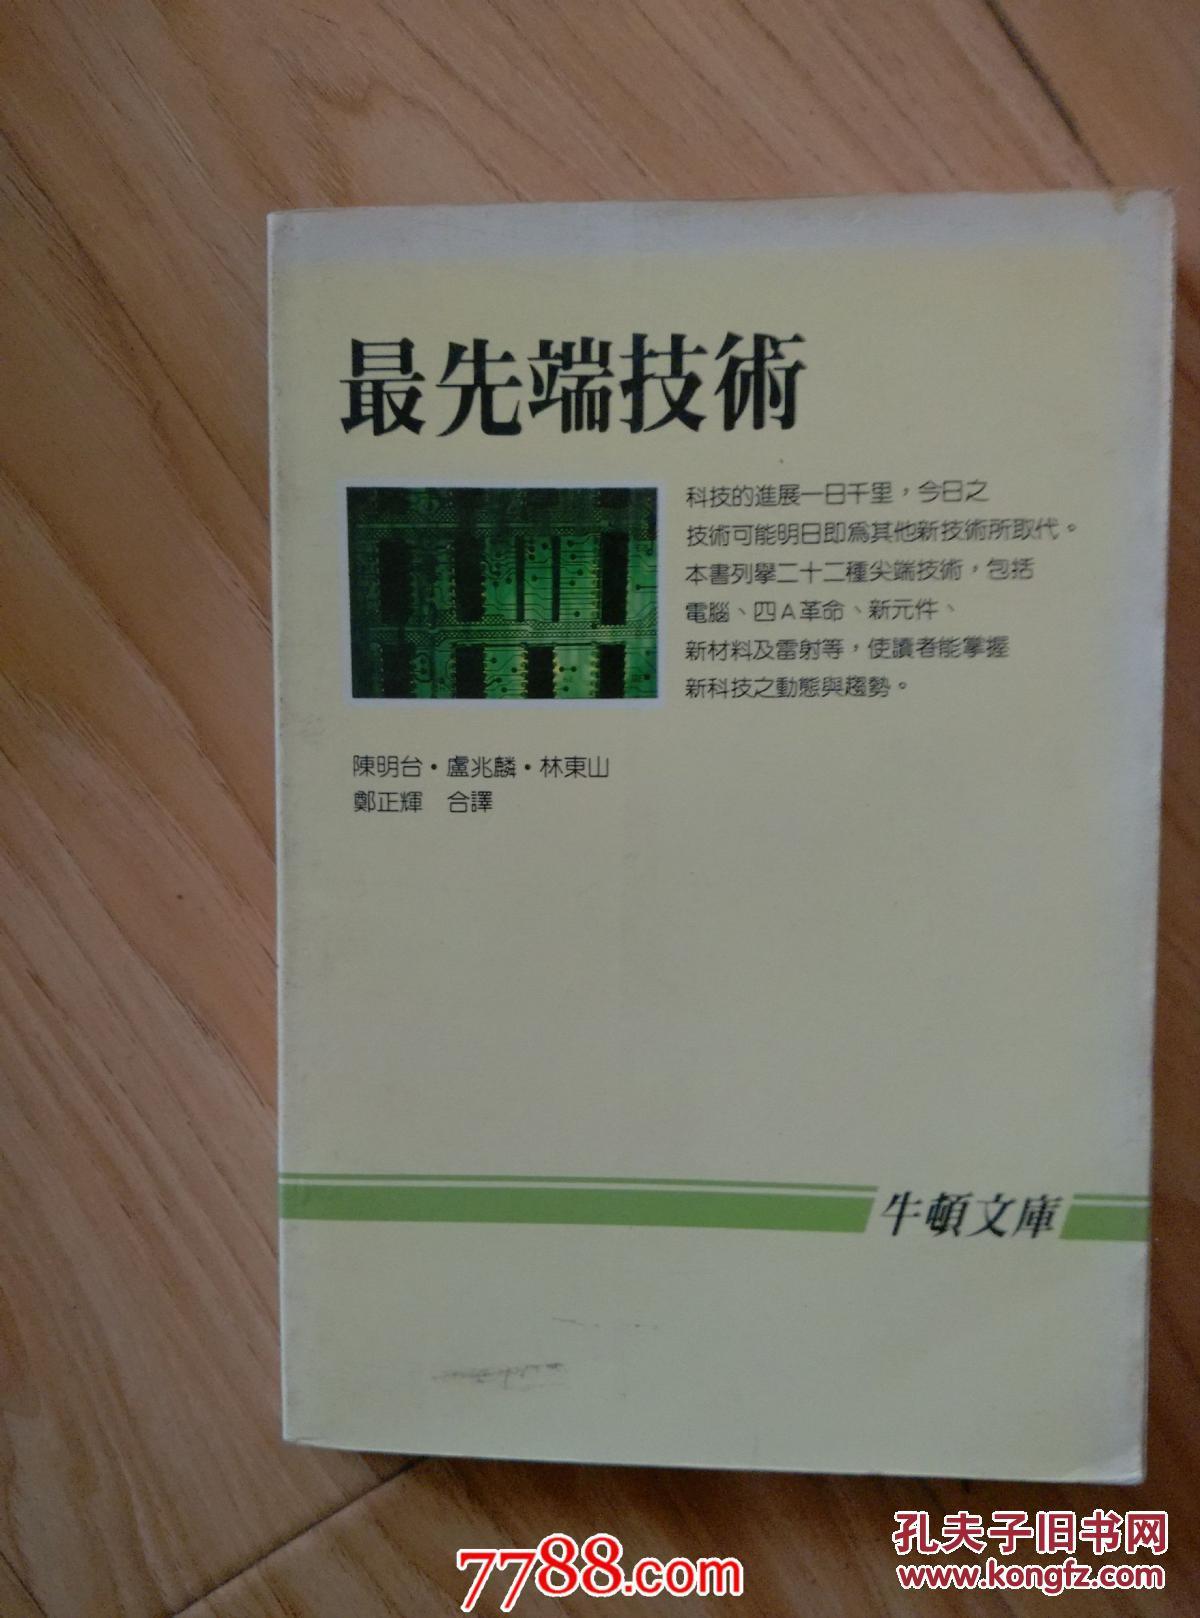 最先端技术 牛顿文库             ----- 【包邮-挂】